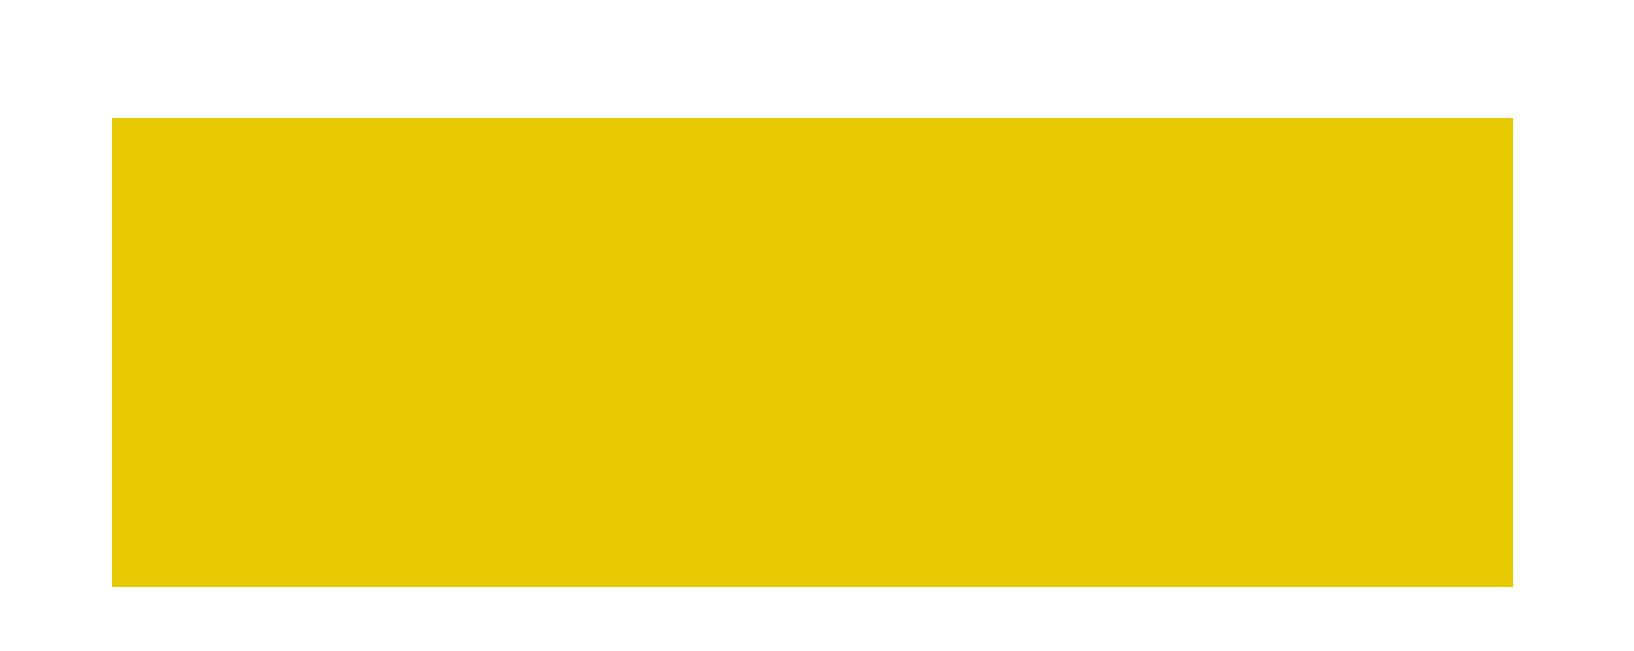 The Arroyos